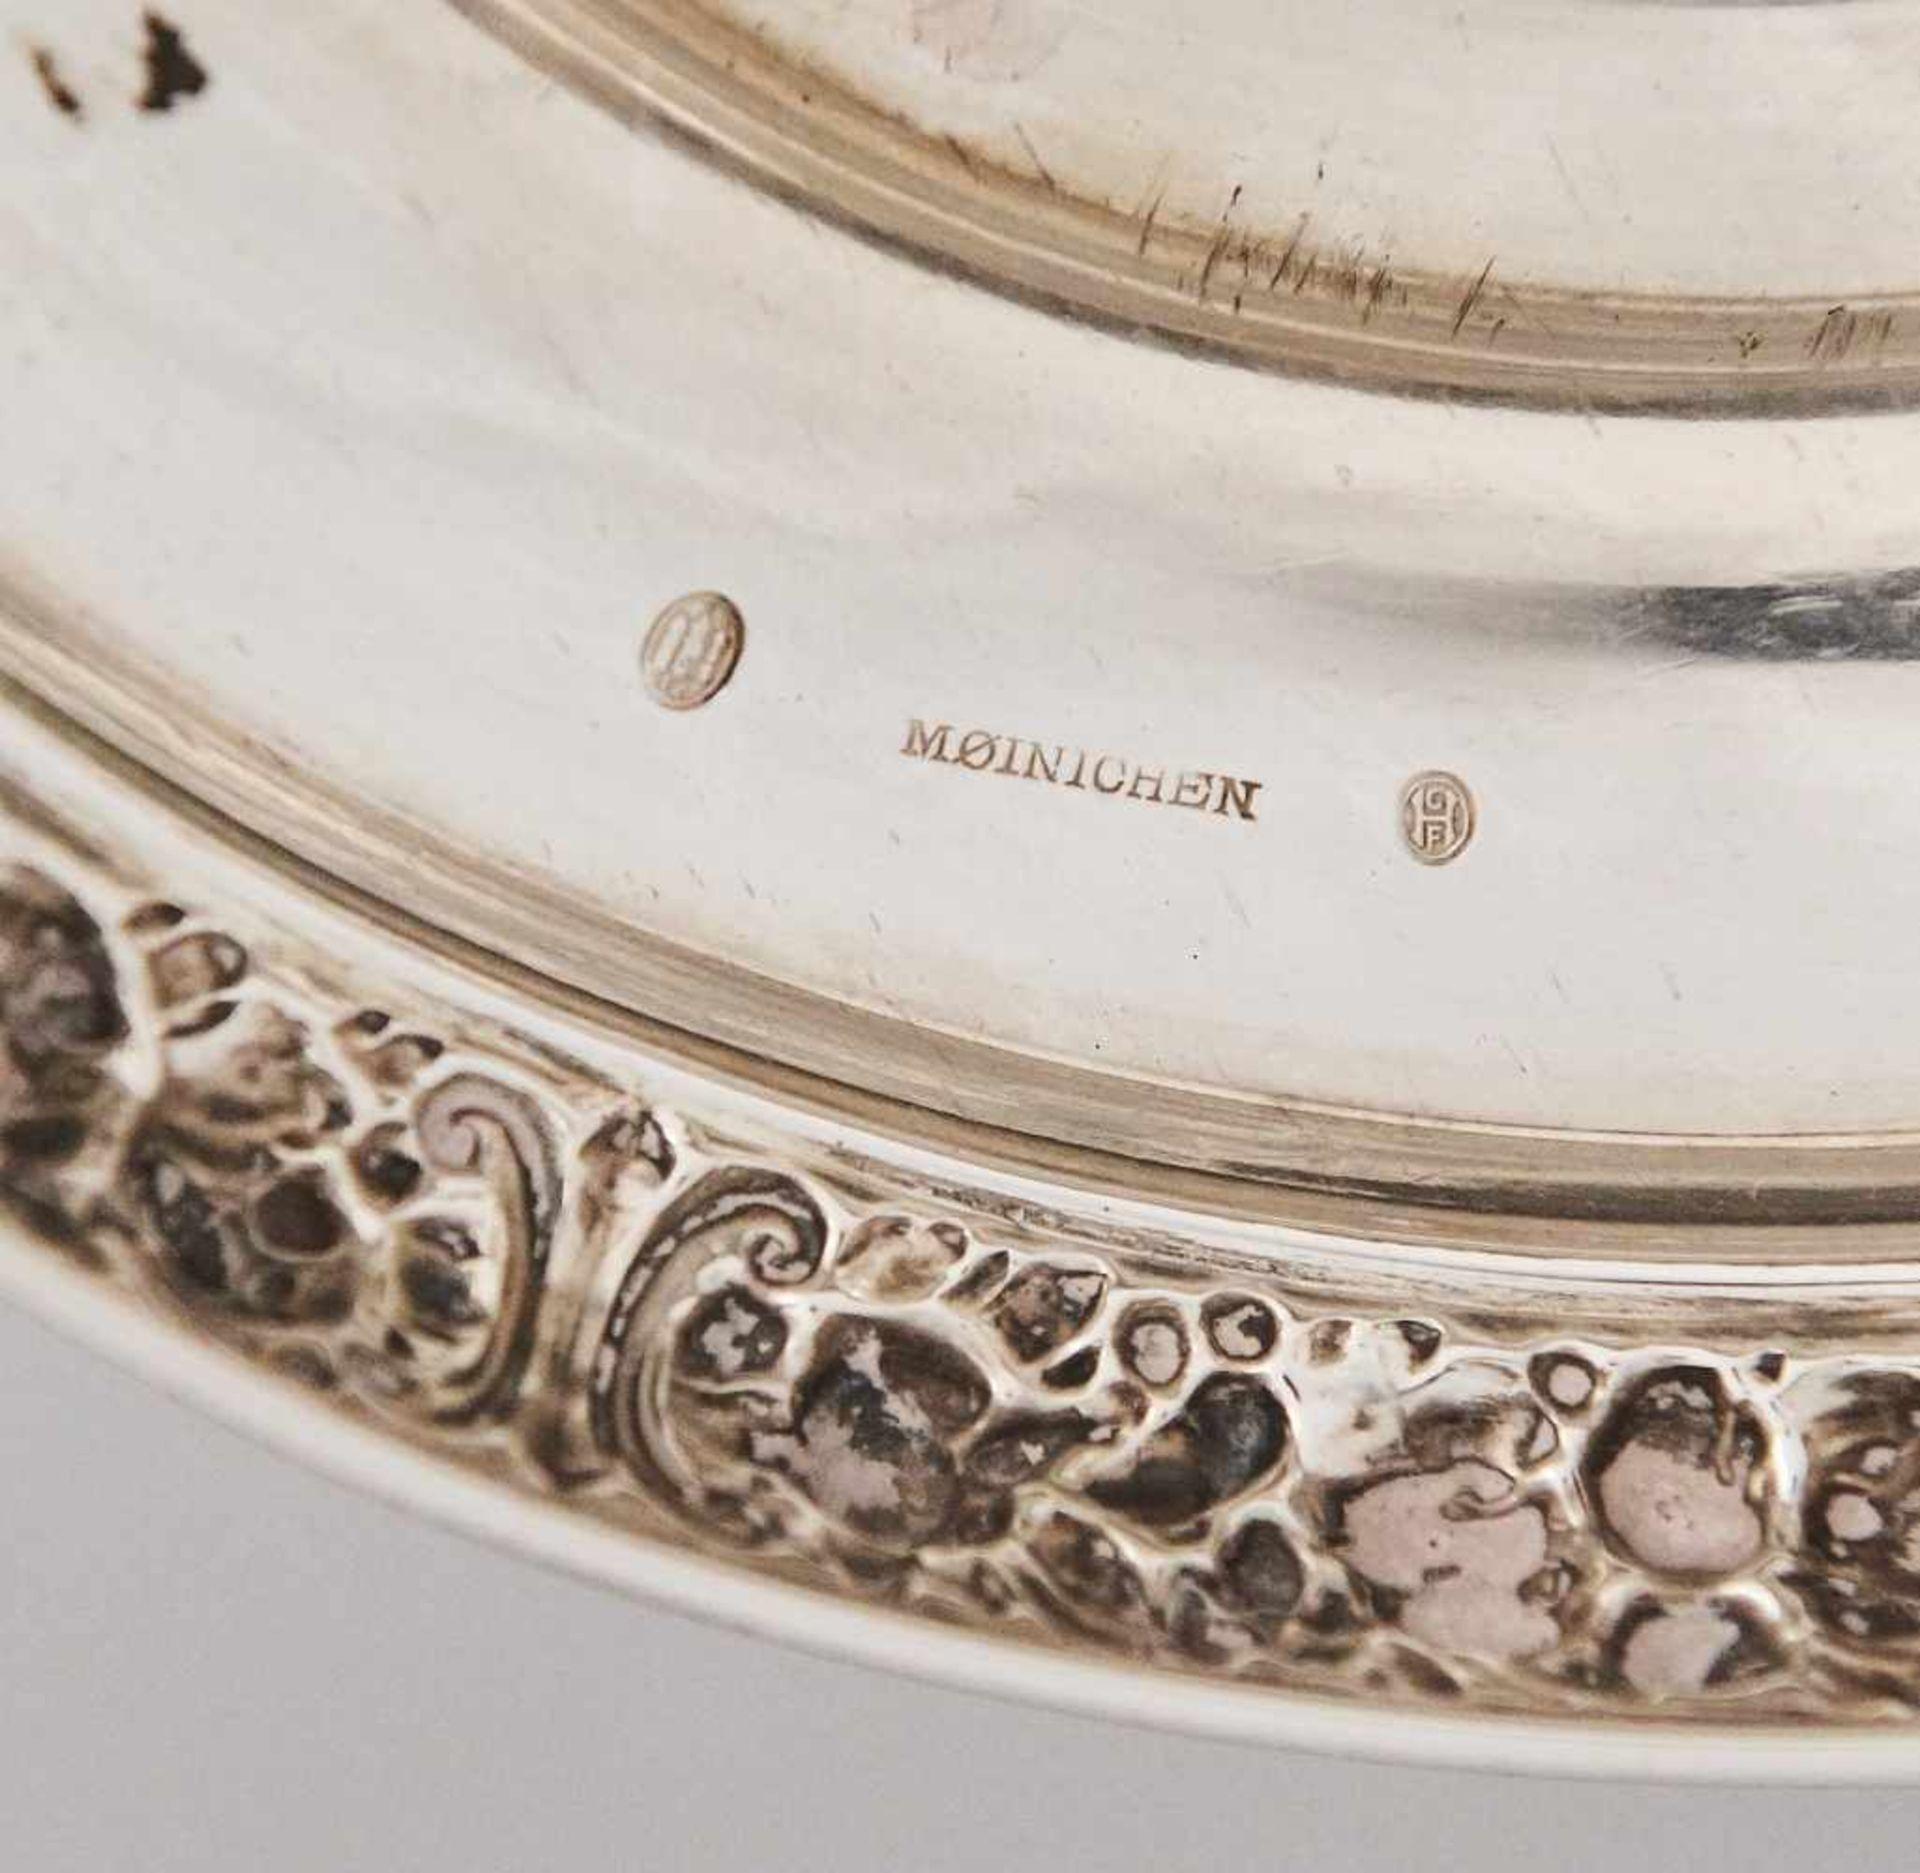 Los 69 - Große Aufsatzschale Silber DänemarkStempel, Moinichen Silberschmied und dänische Stempel, Dellen und